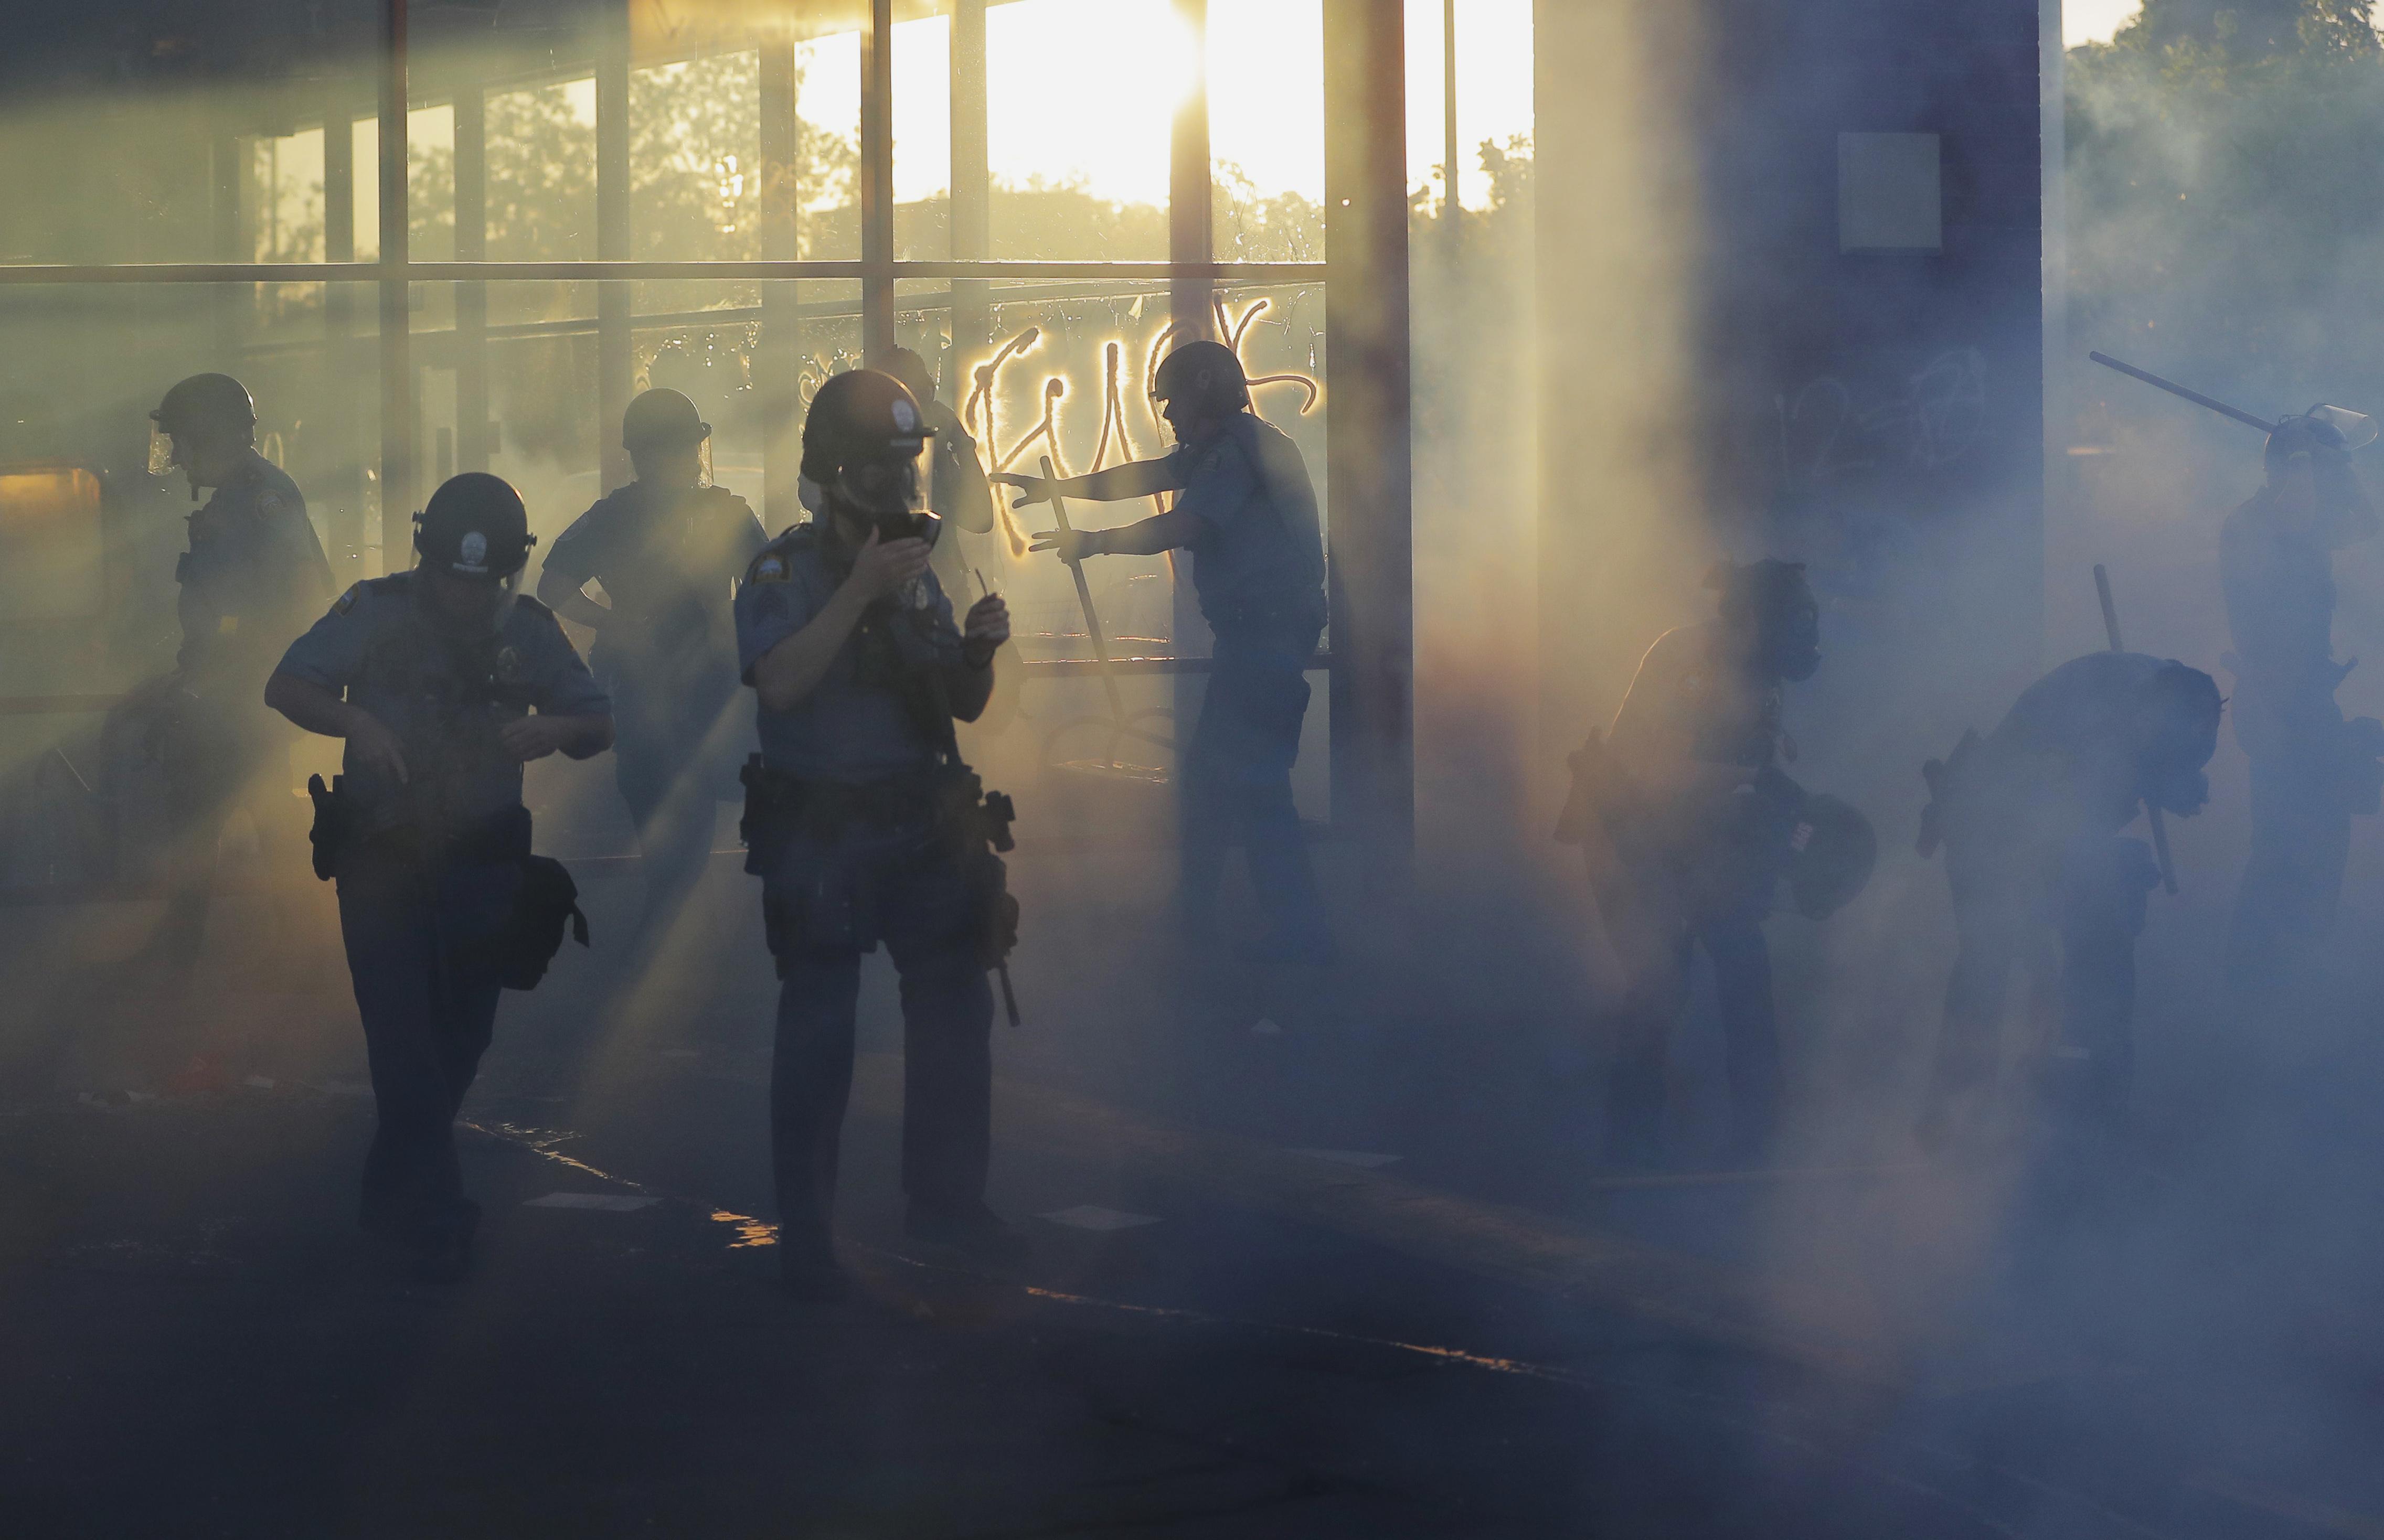 La policía se mueve por una zona de protestas violentas en St. Paul, Minnesota (Foto AP/Julio Cortez)